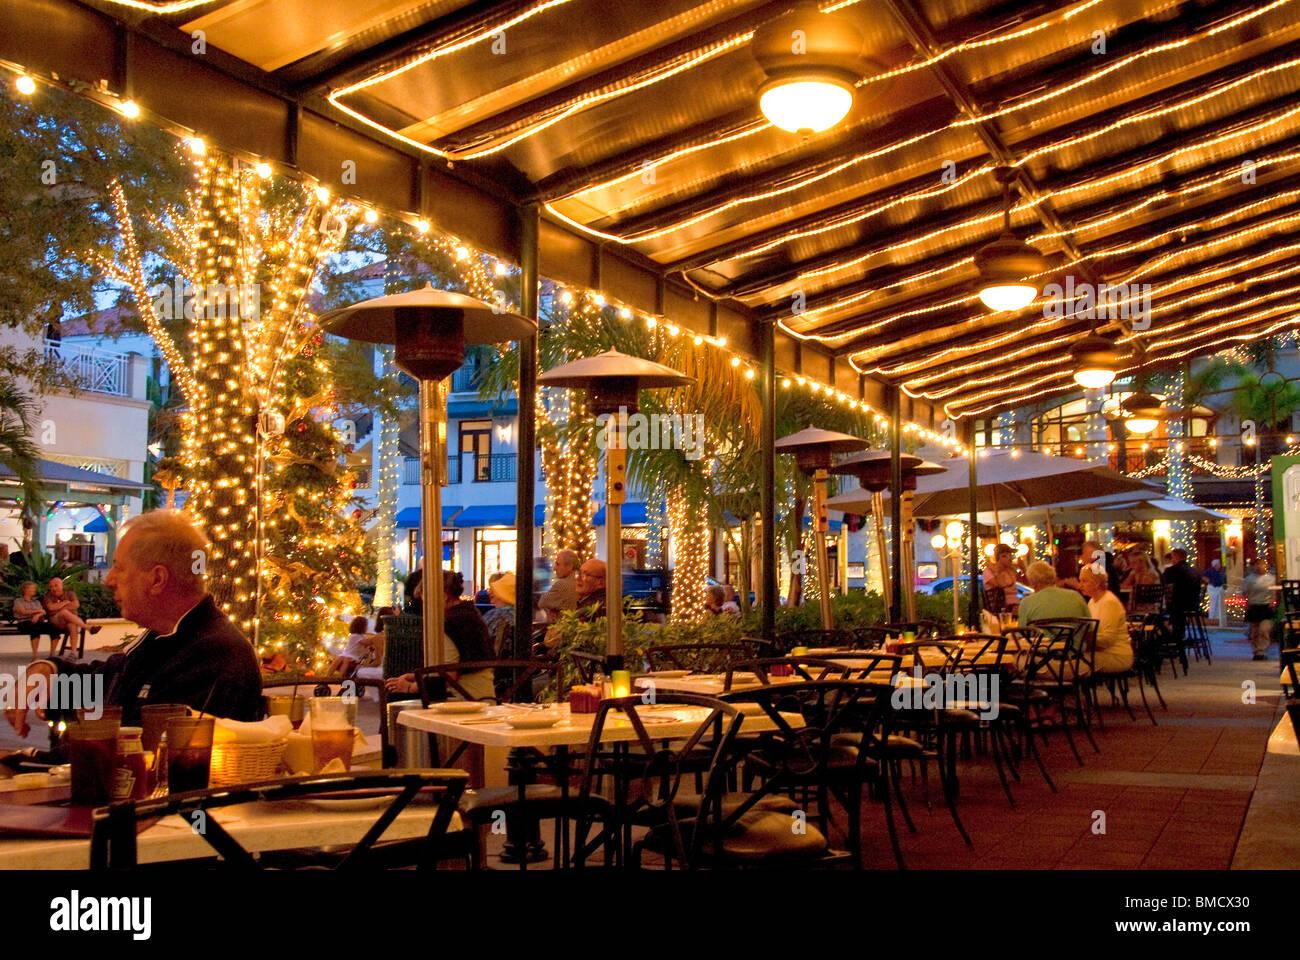 Restaurant Le Patio donnant sur une place sur la 5e Avenue Sud, au cours de fêtes de Noël à Naples, Photo Stock